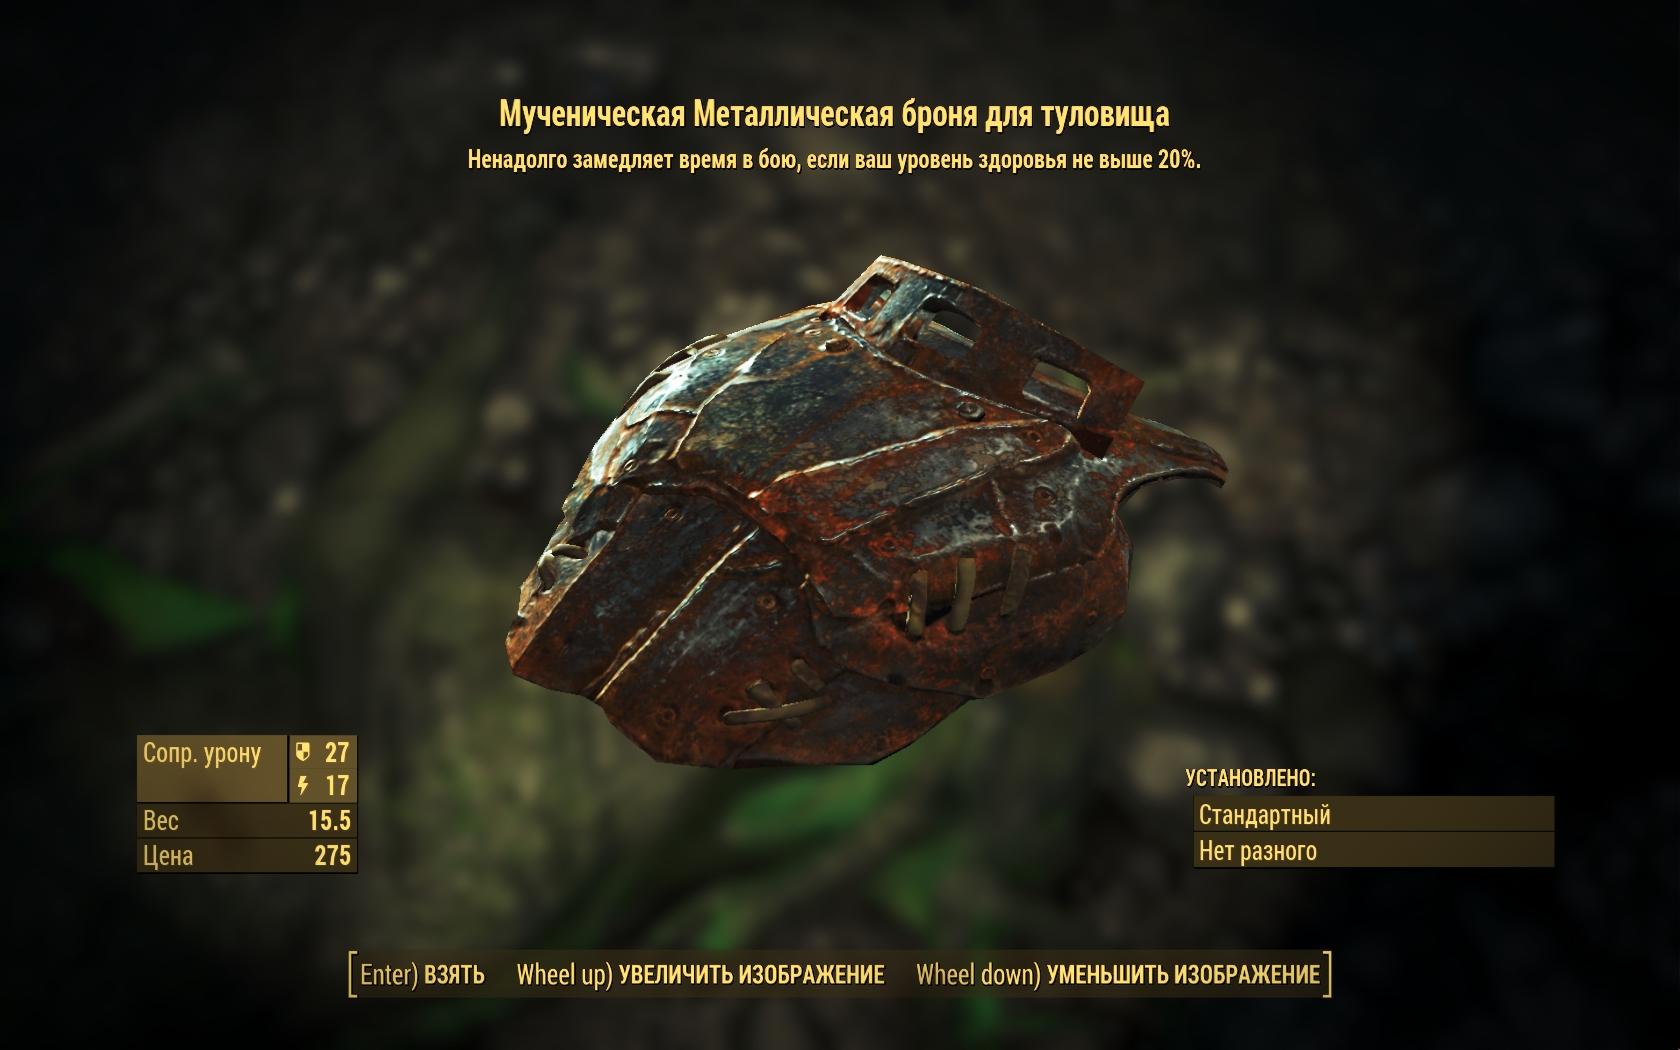 Мученическая металлическая броня для туловища - Fallout 4 броня, металлическая, Мученическая, Одежда